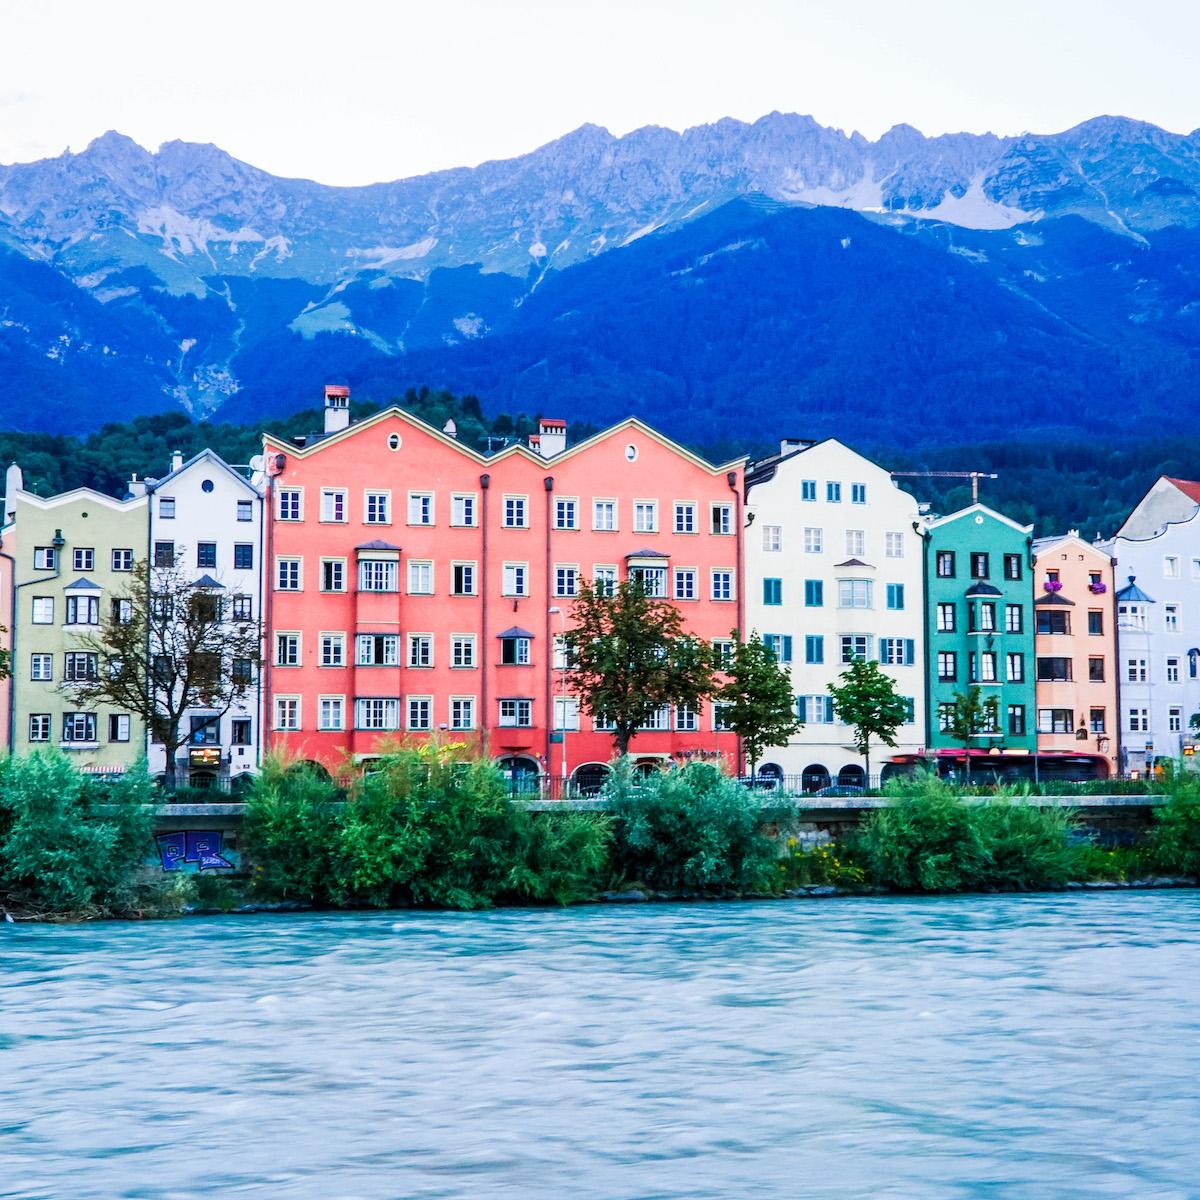 Buildings along the Inn River in Innsbruck